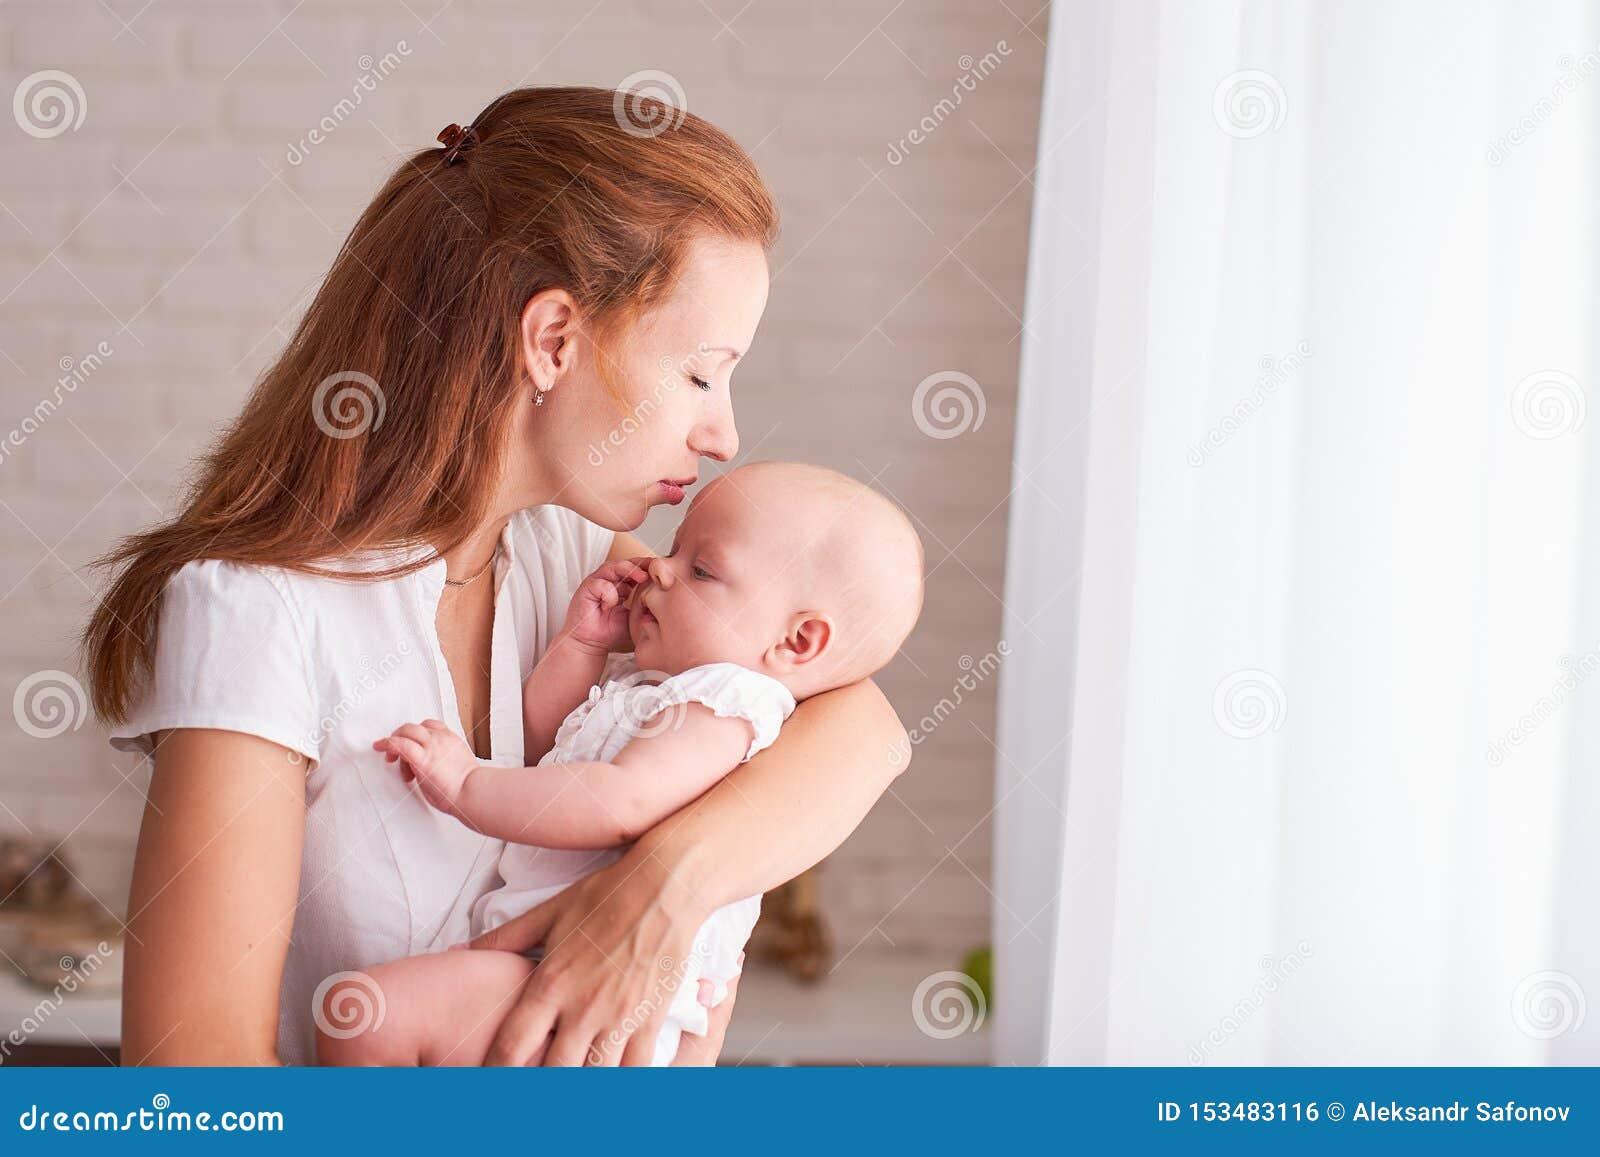 El beb? en los brazos de la madre amamanta La momia introduce al ni?o con el espacio del texto libre Copie el espacio